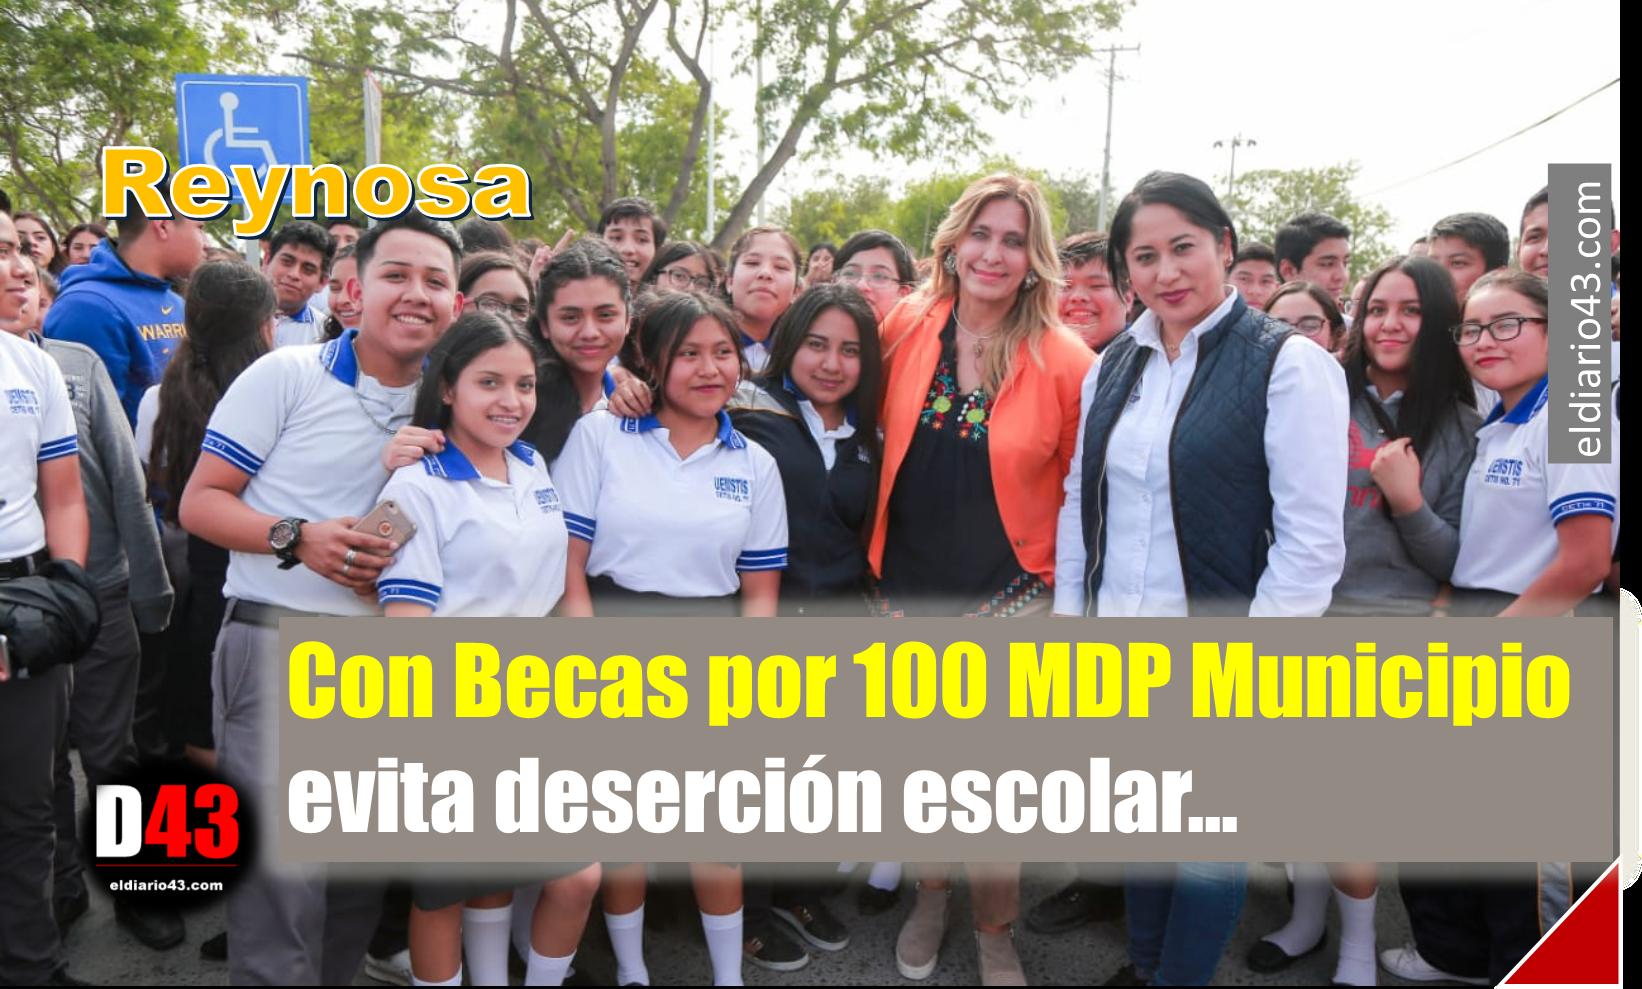 Con Becas por 100 MDP Municipio evita deserción escolar